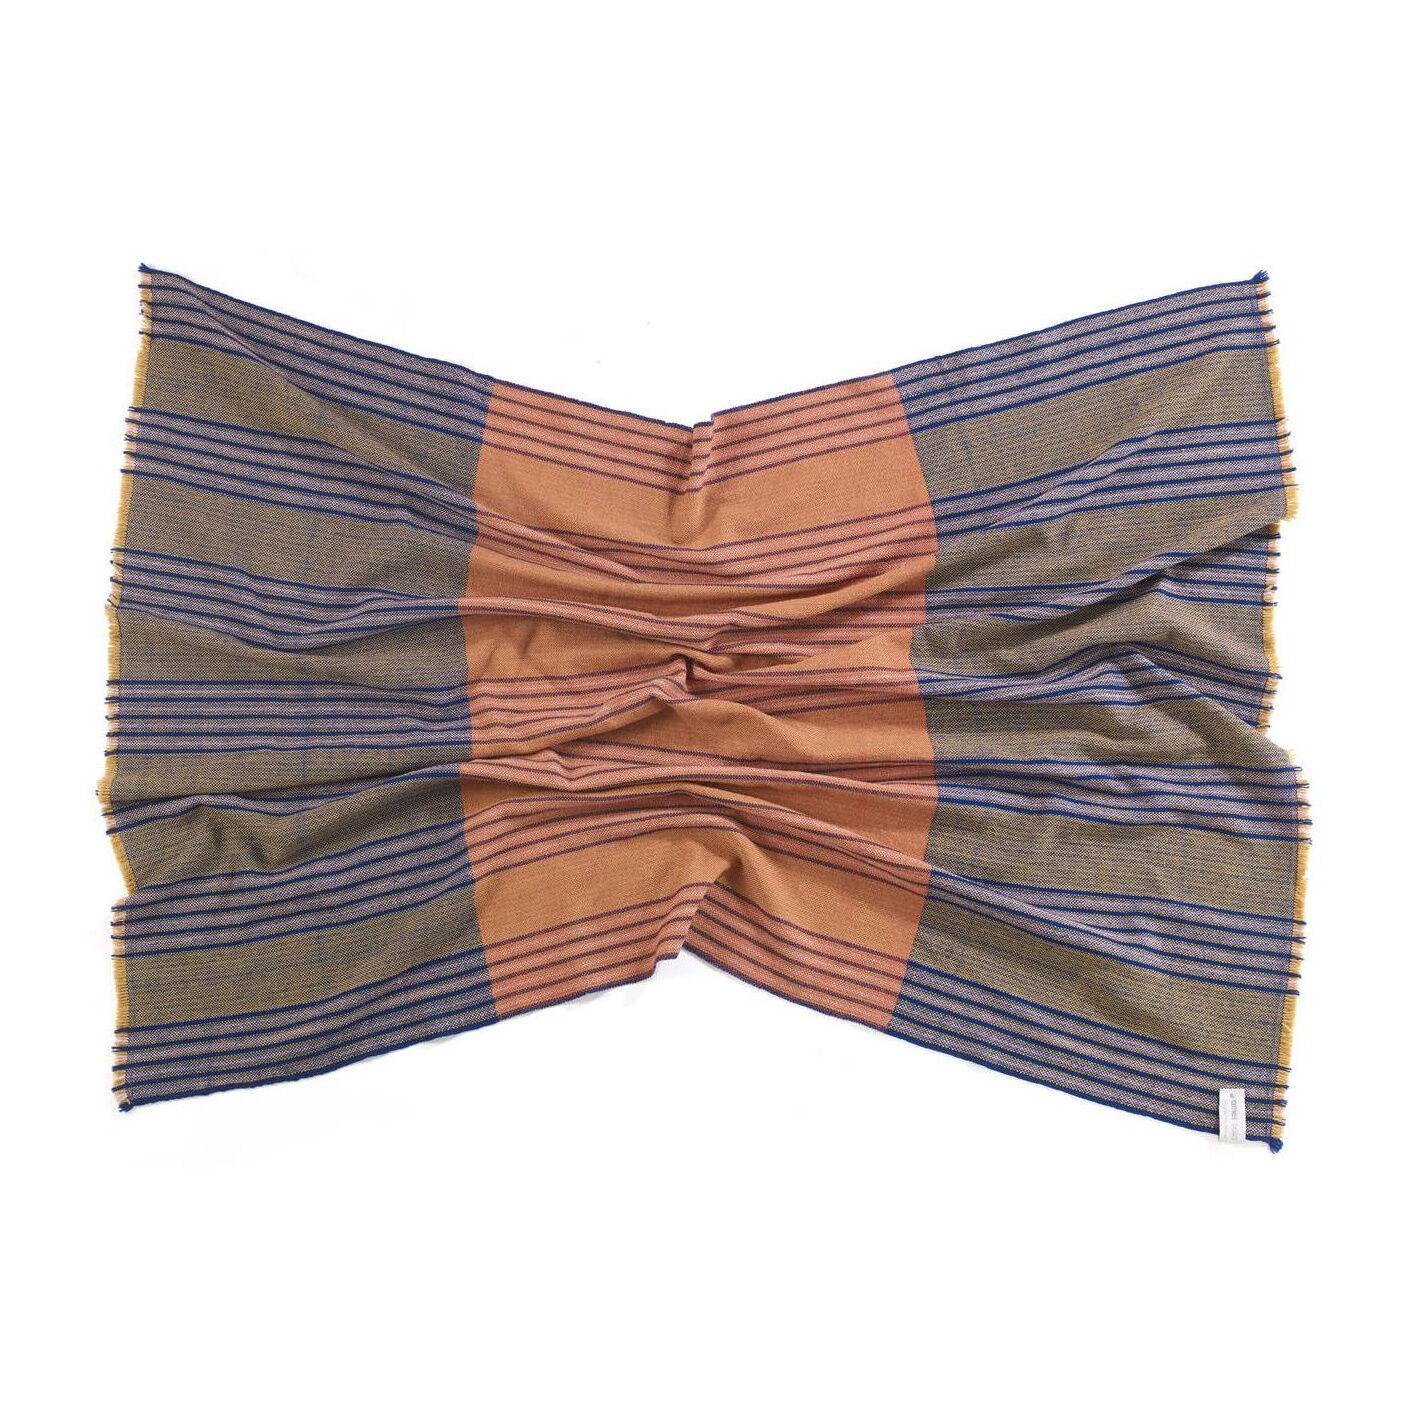 Ames Couverture Mulera - moutarde/bleu/orange/LxP 180x138cm/Chaque pièce est unique